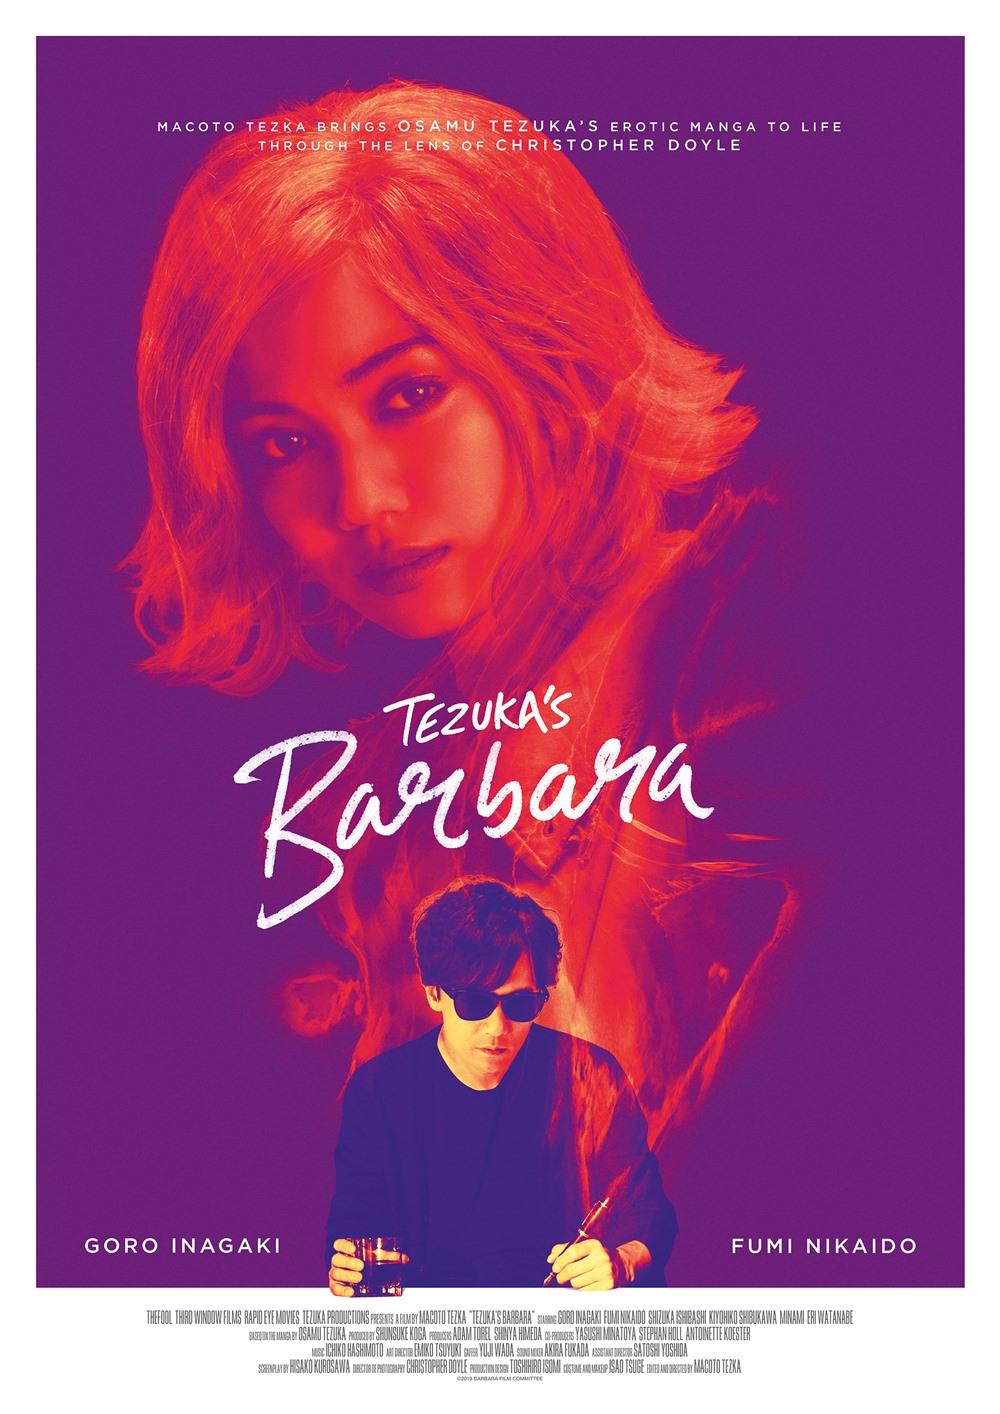 【画像】映画『ばるぼら』(Tezuka's_Barbara) ポスタービジュアル